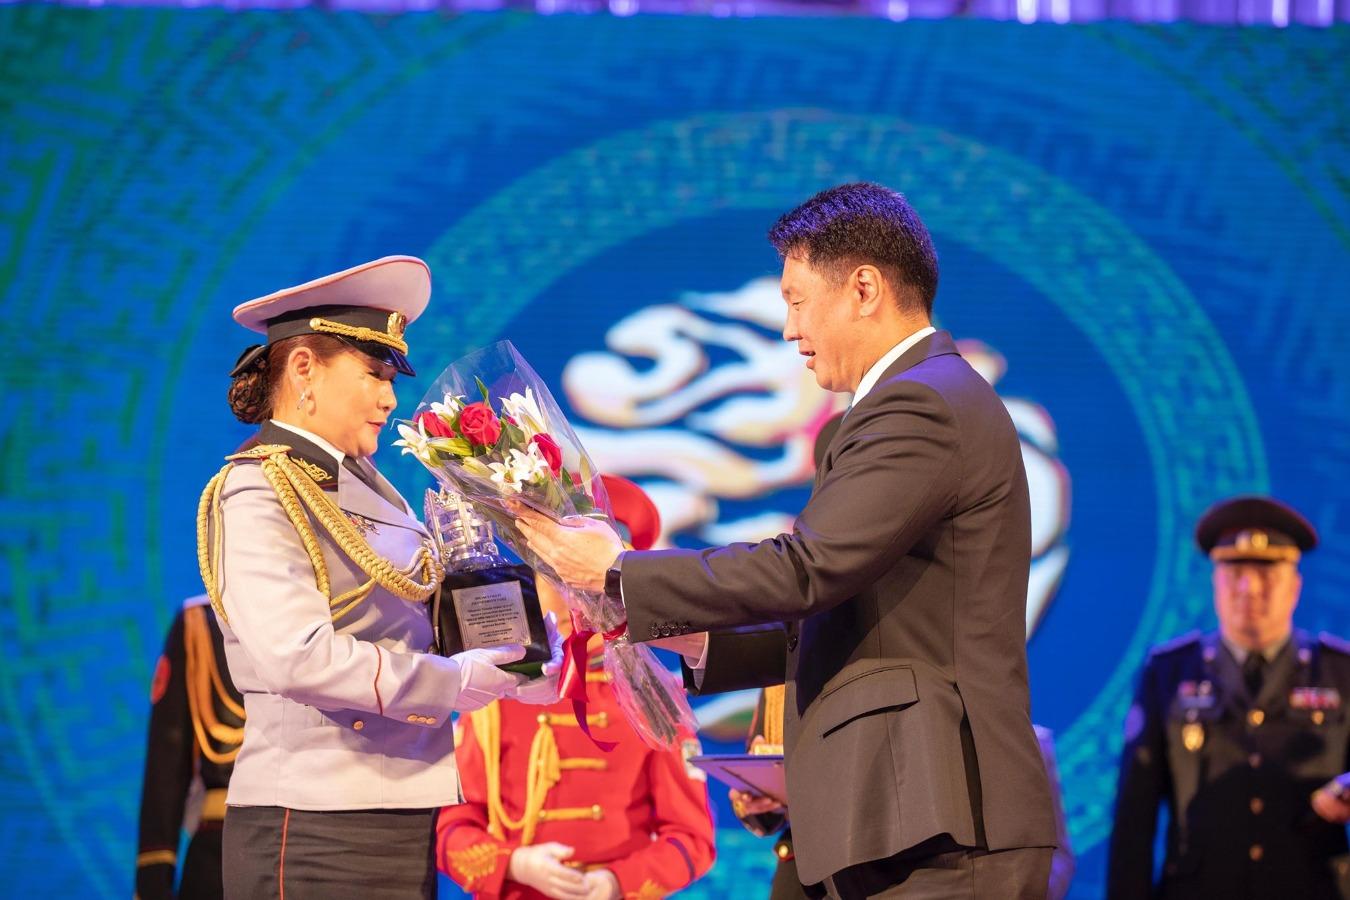 Ерөнхий сайд У.Хүрэлсүх төрийн цэргийн байгууллагад ажиллагсдын гэр бүлд хүндэтгэл үзүүлэв